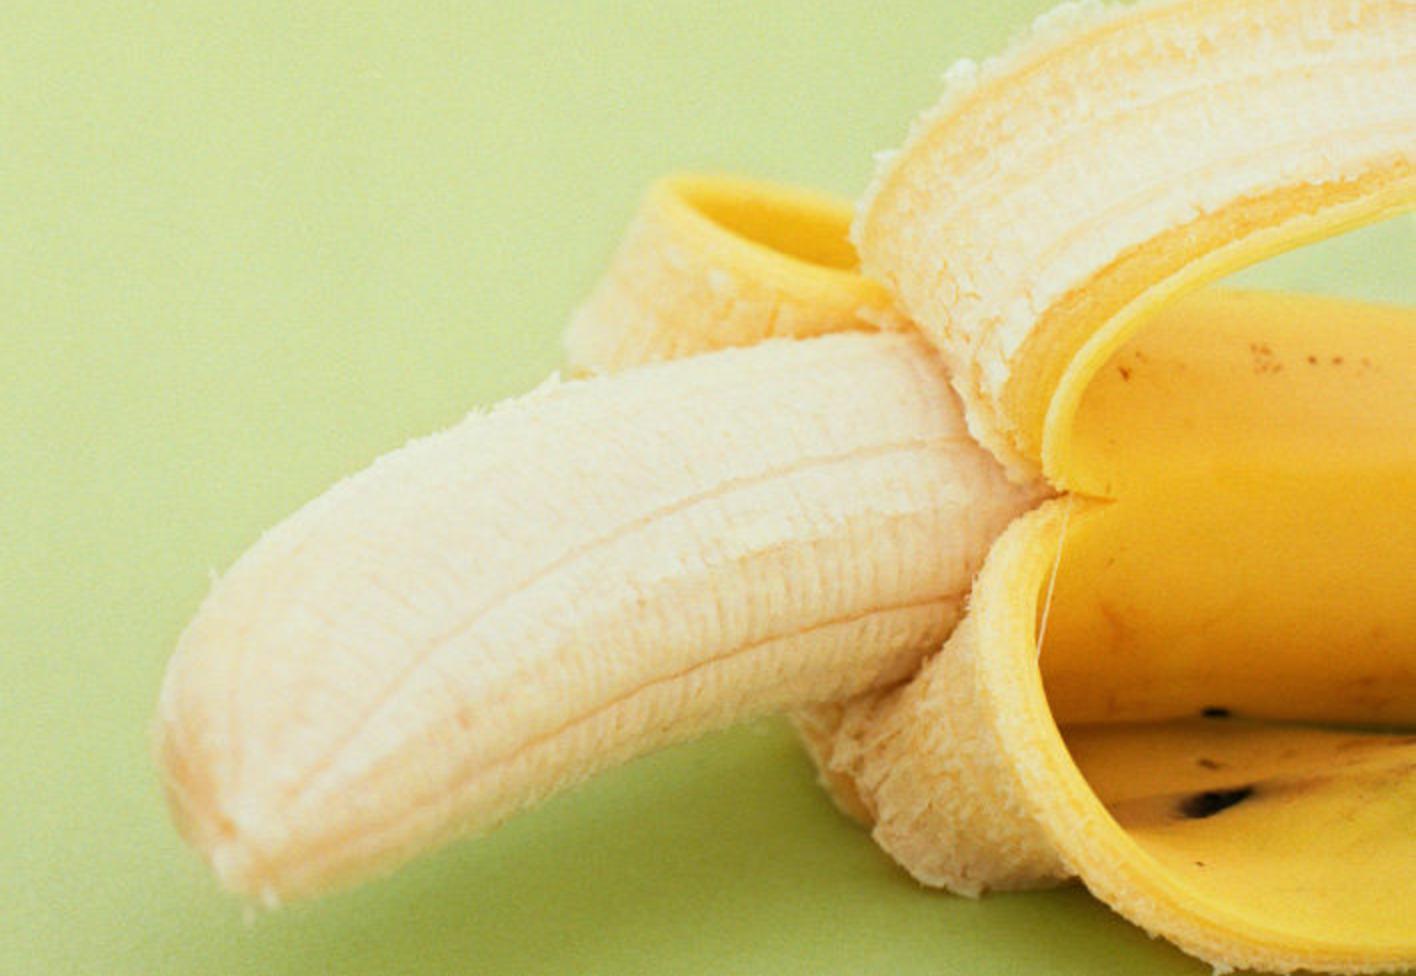 Esto es lo que le pasa a tu cuerpo cuando comes 2 plátanos al día